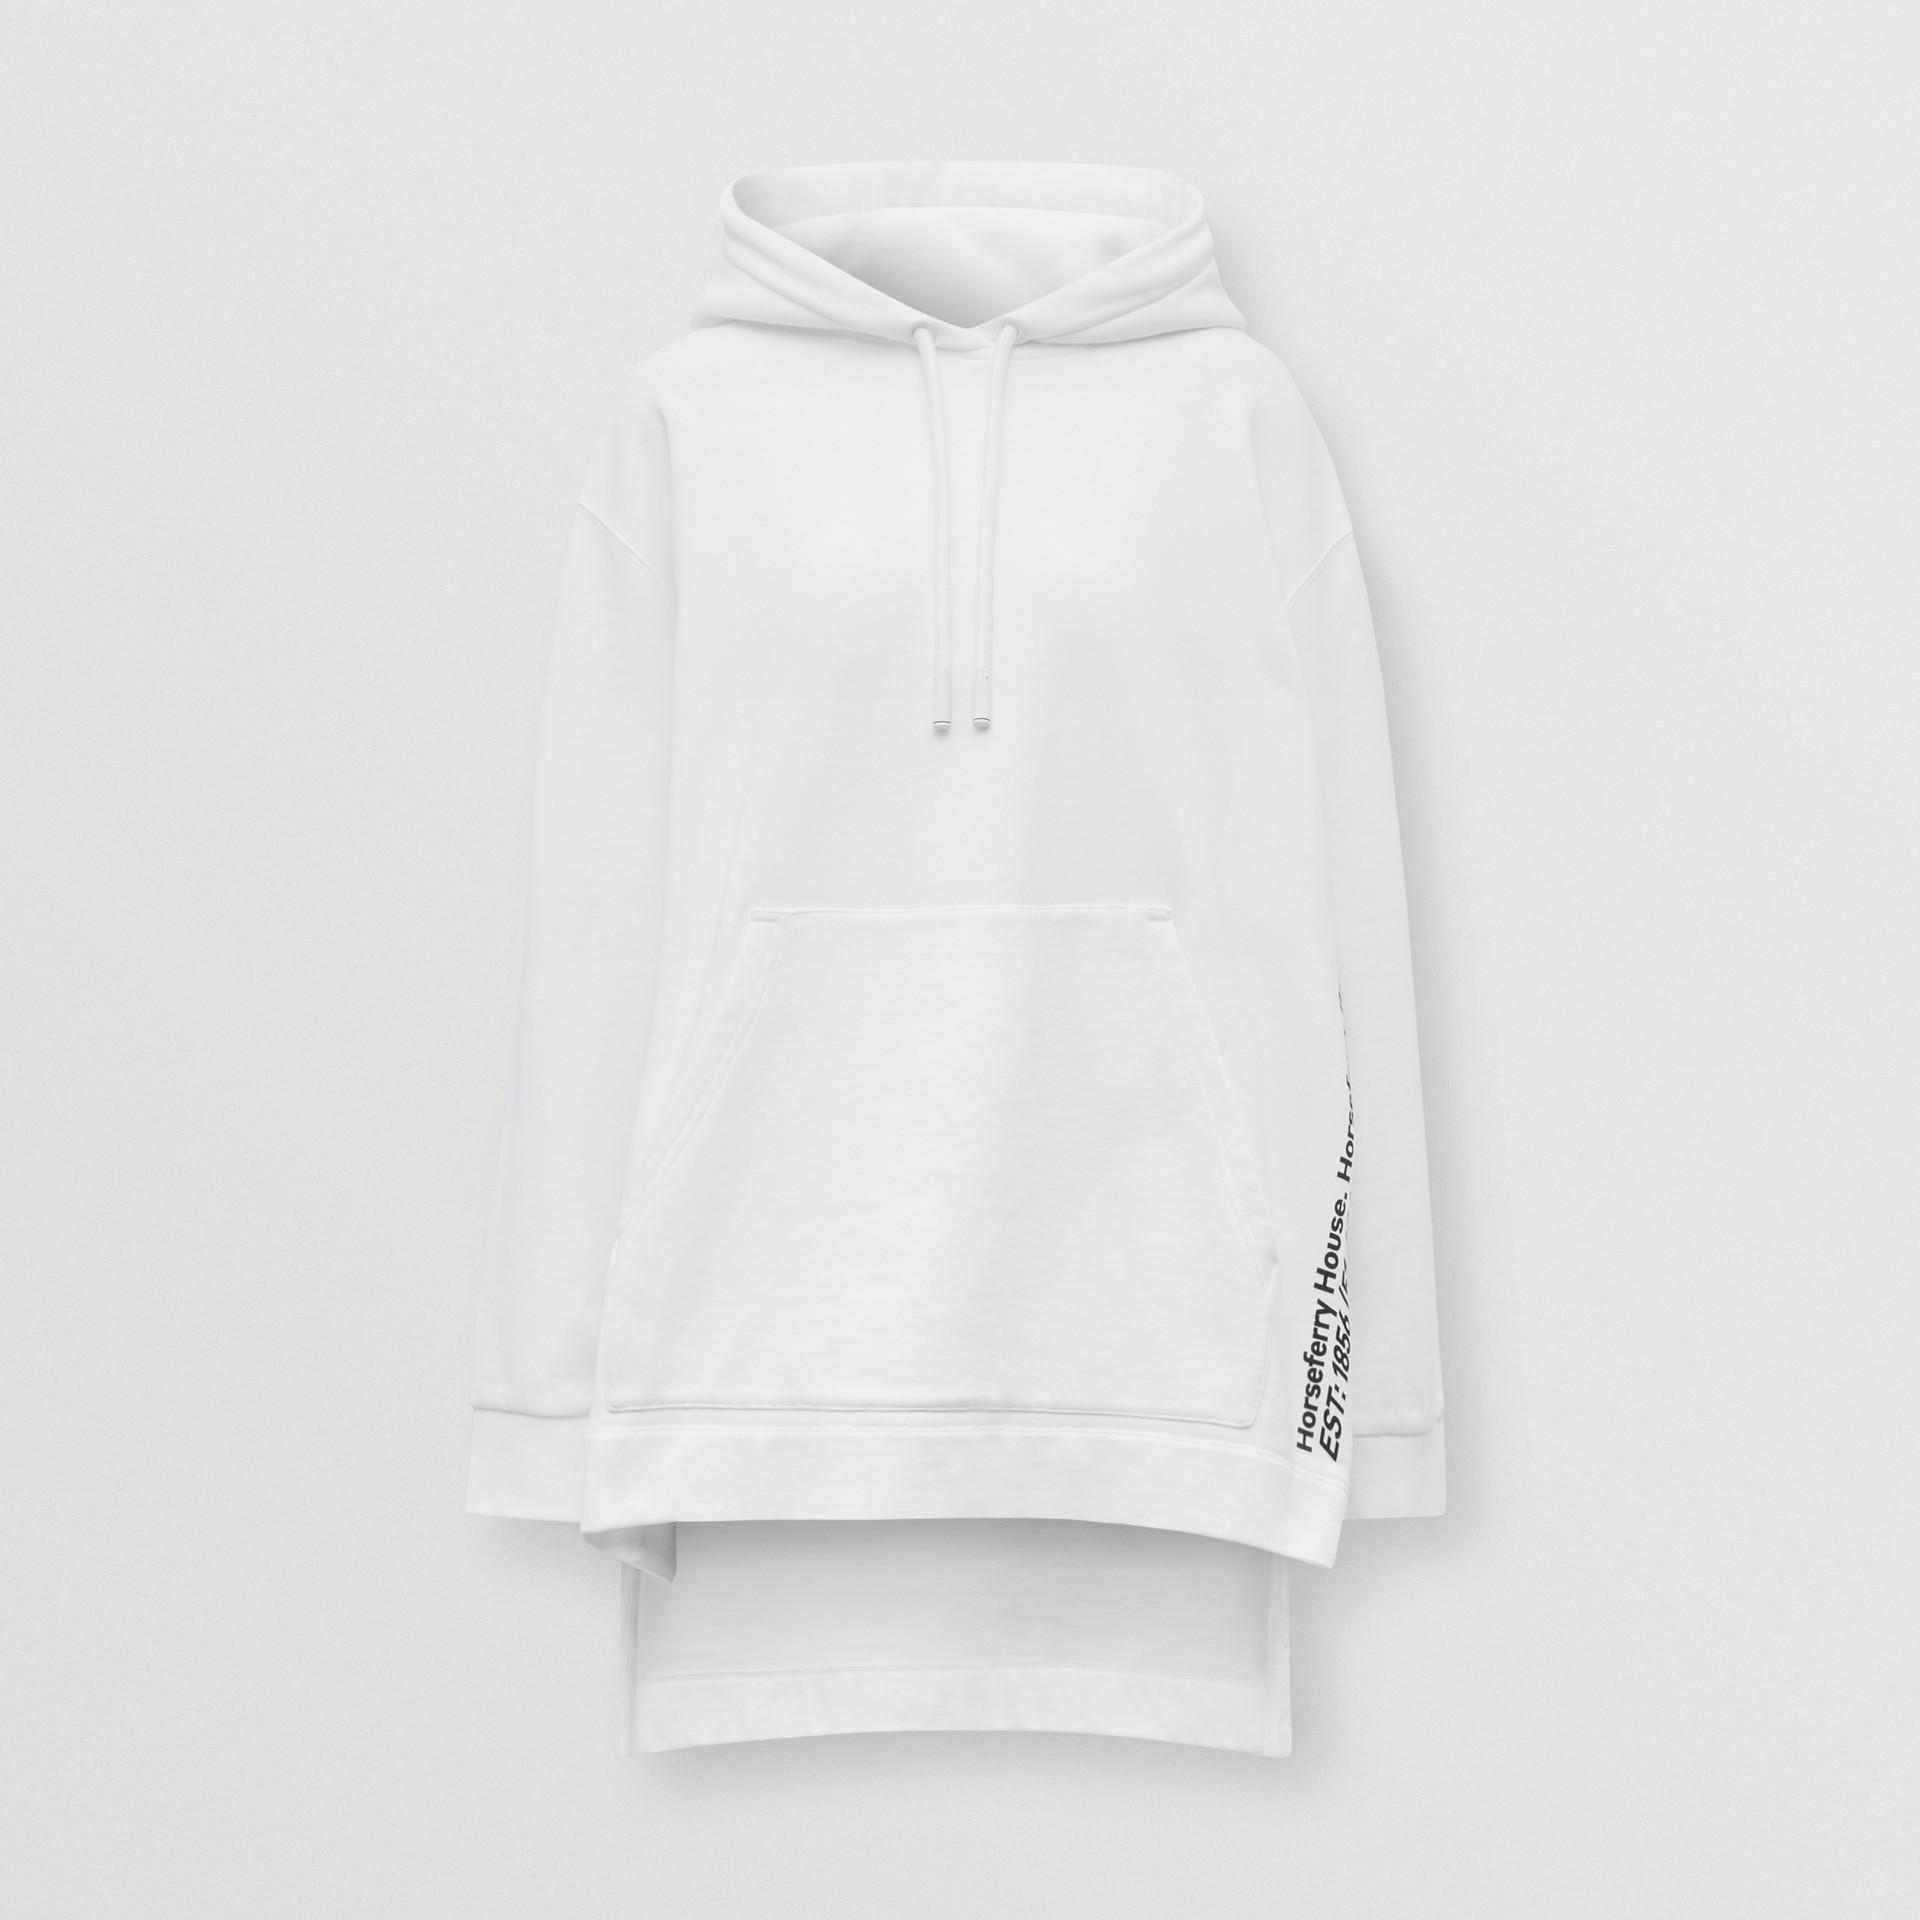 Sweat-shirt à capuche oversize en coton avec coordonnées (Blanc) - Femme | Burberry - photo de la galerie 3